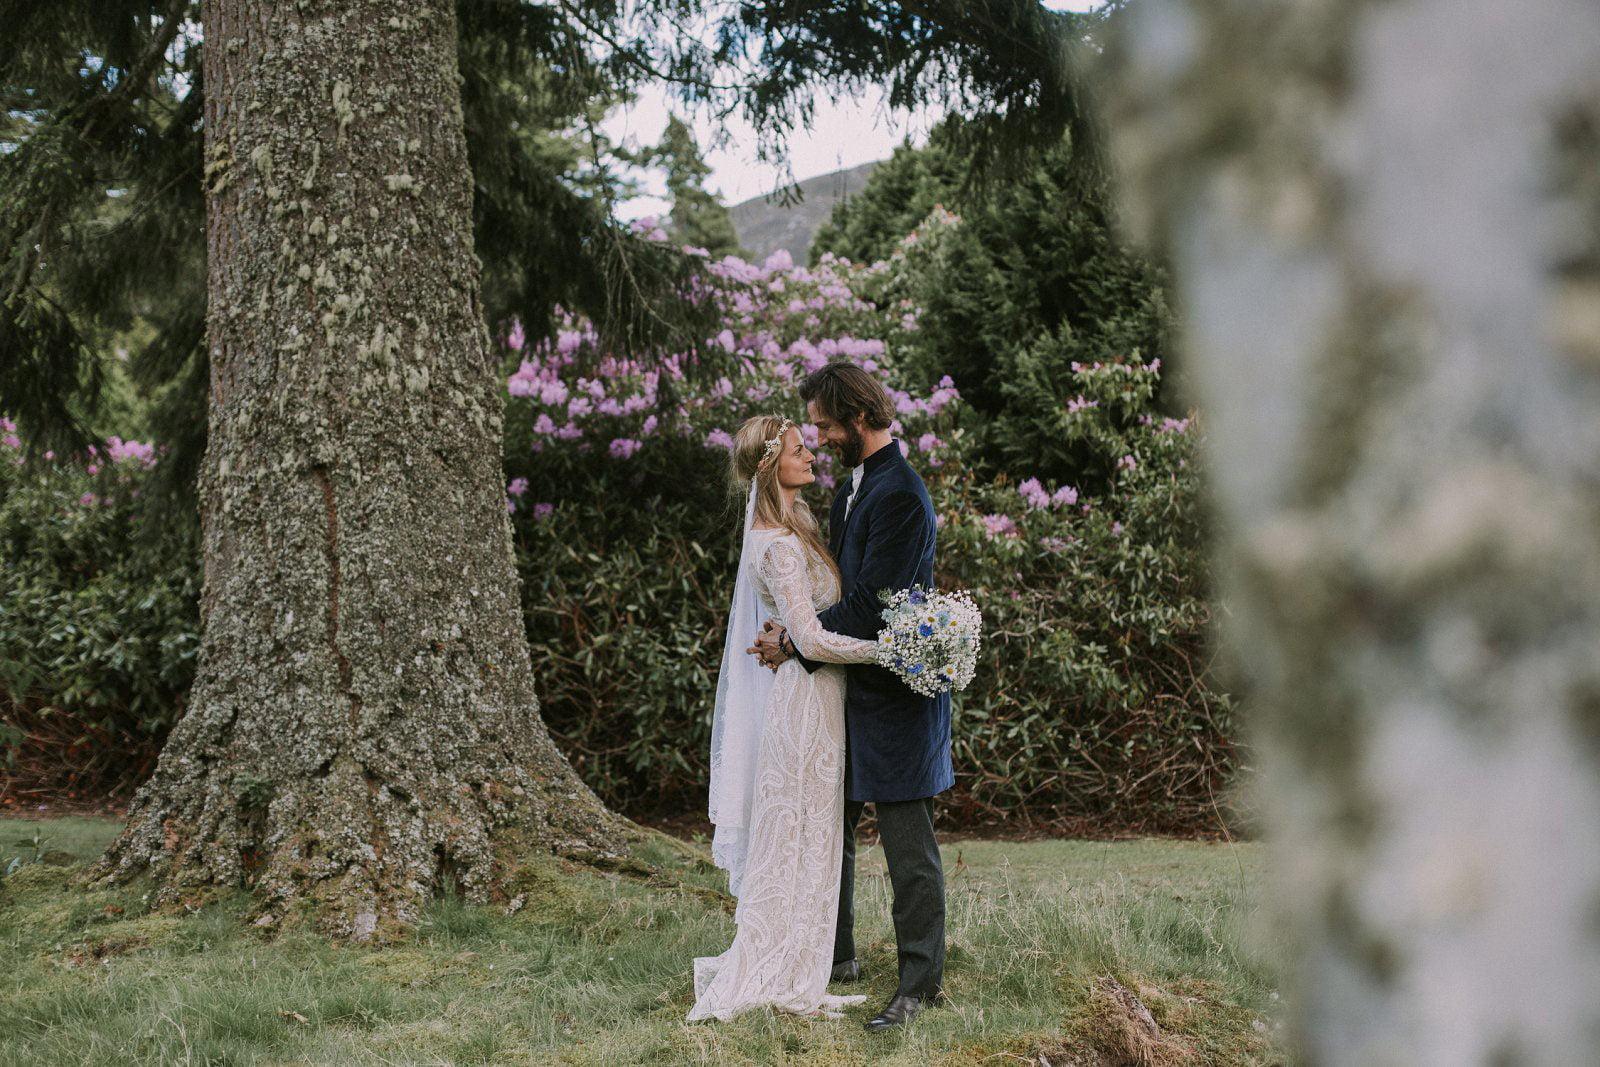 13-whimsical-boho-woodland-wedding-photography